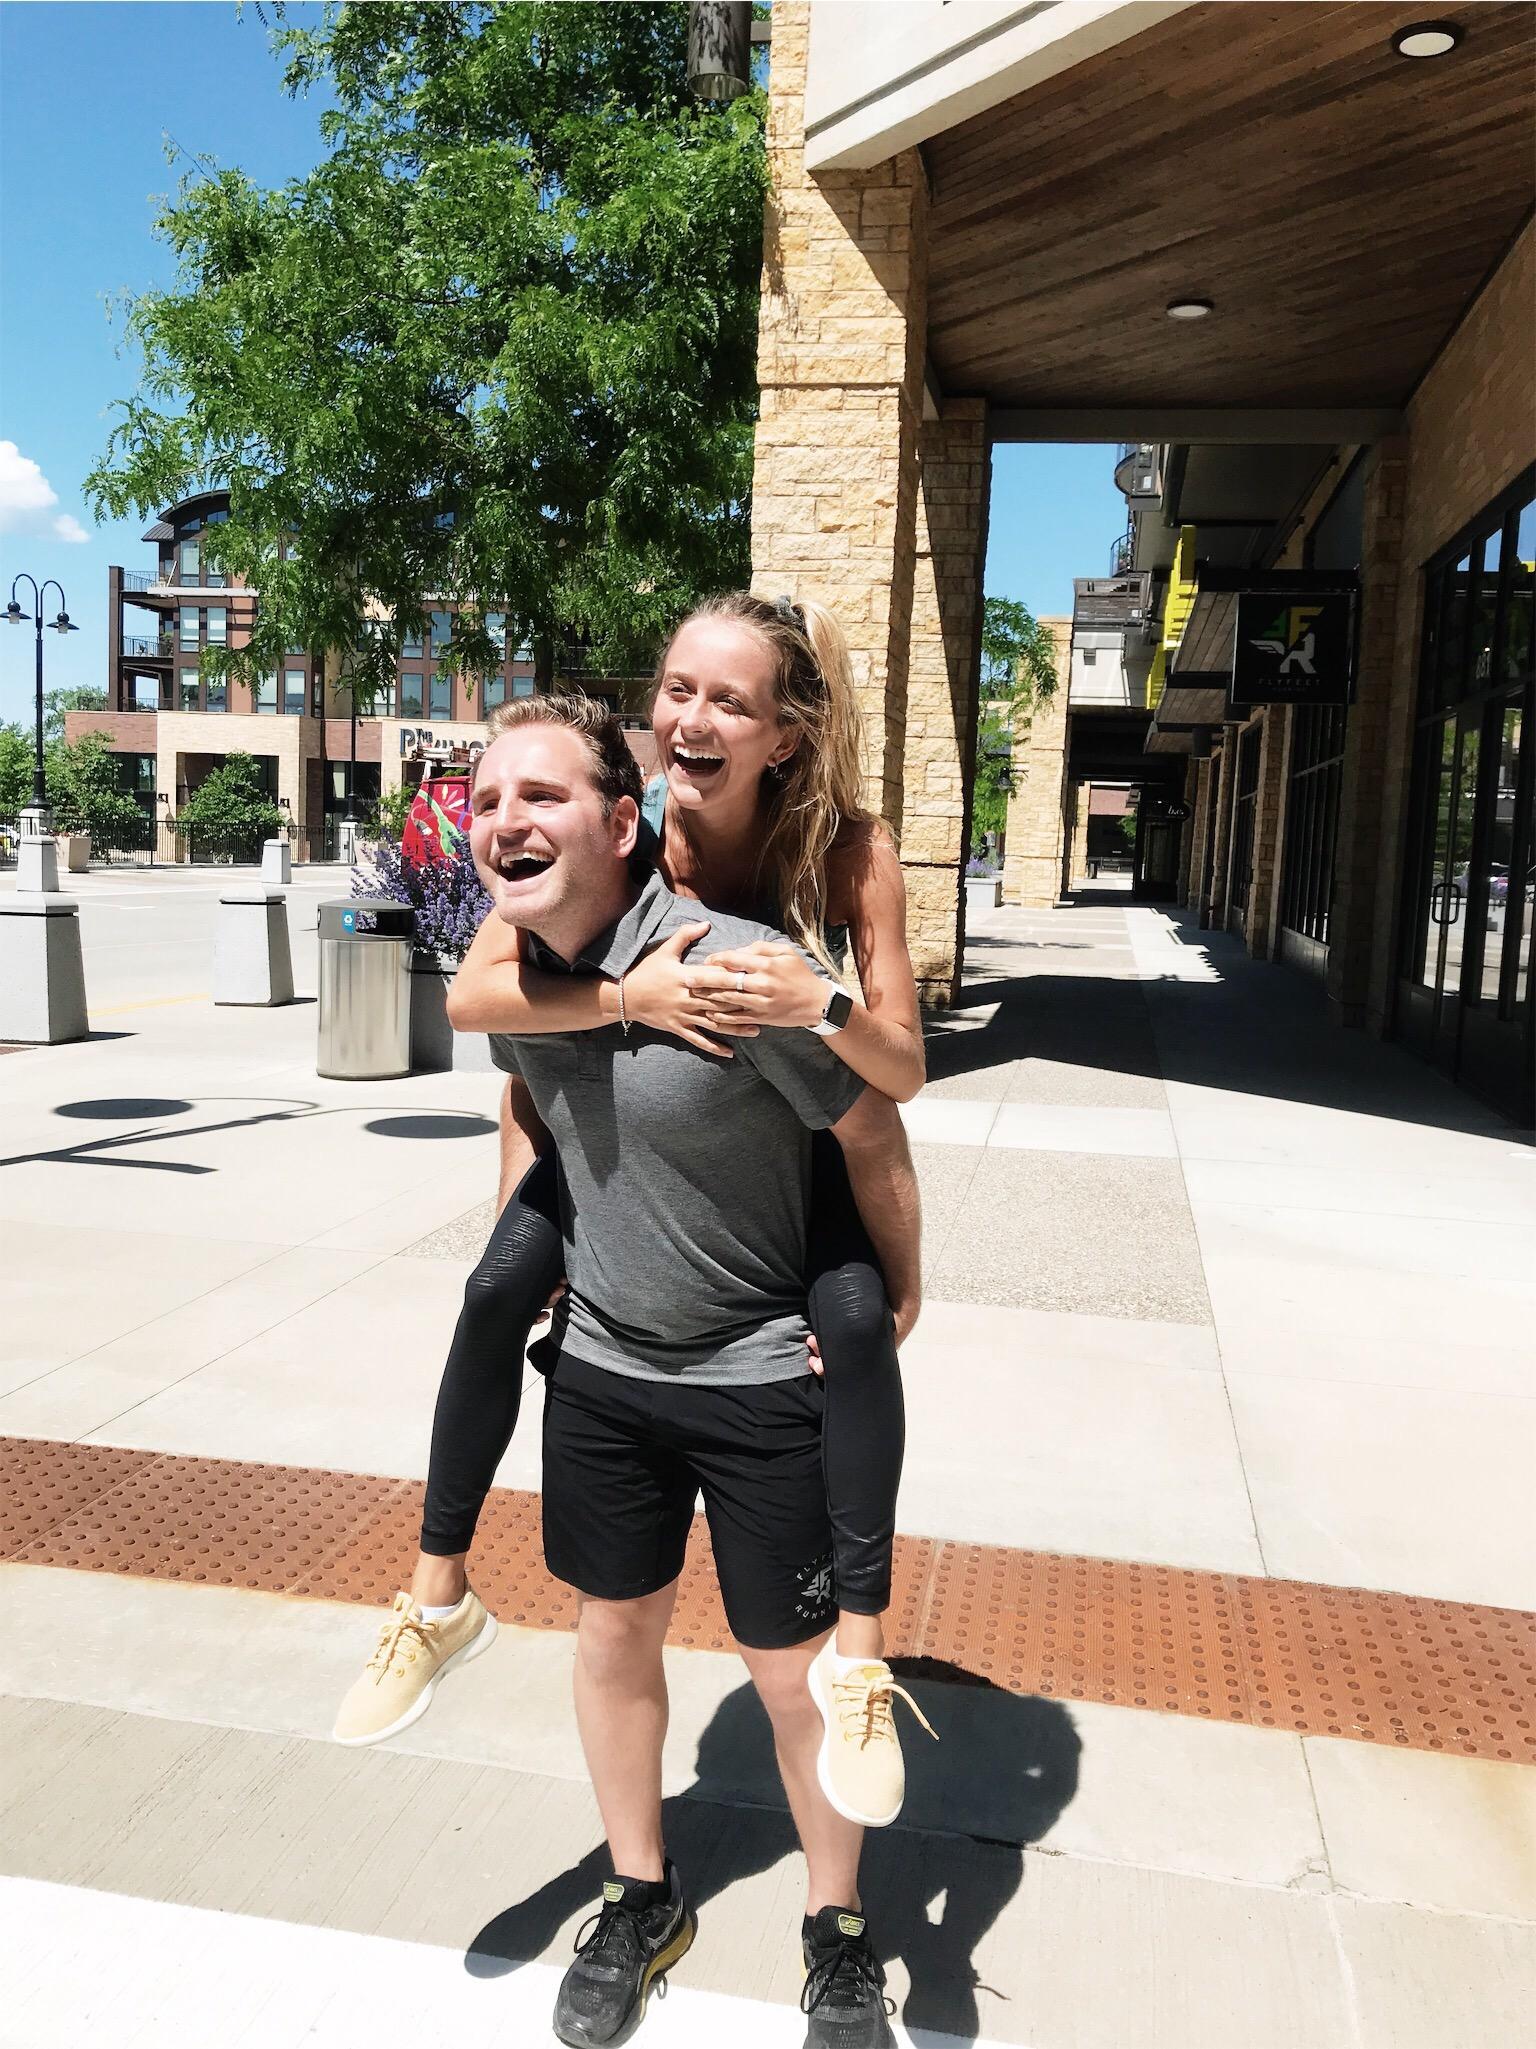 GTKY: Marketing Interns Spencer and Caroline! — Fly Feet Running